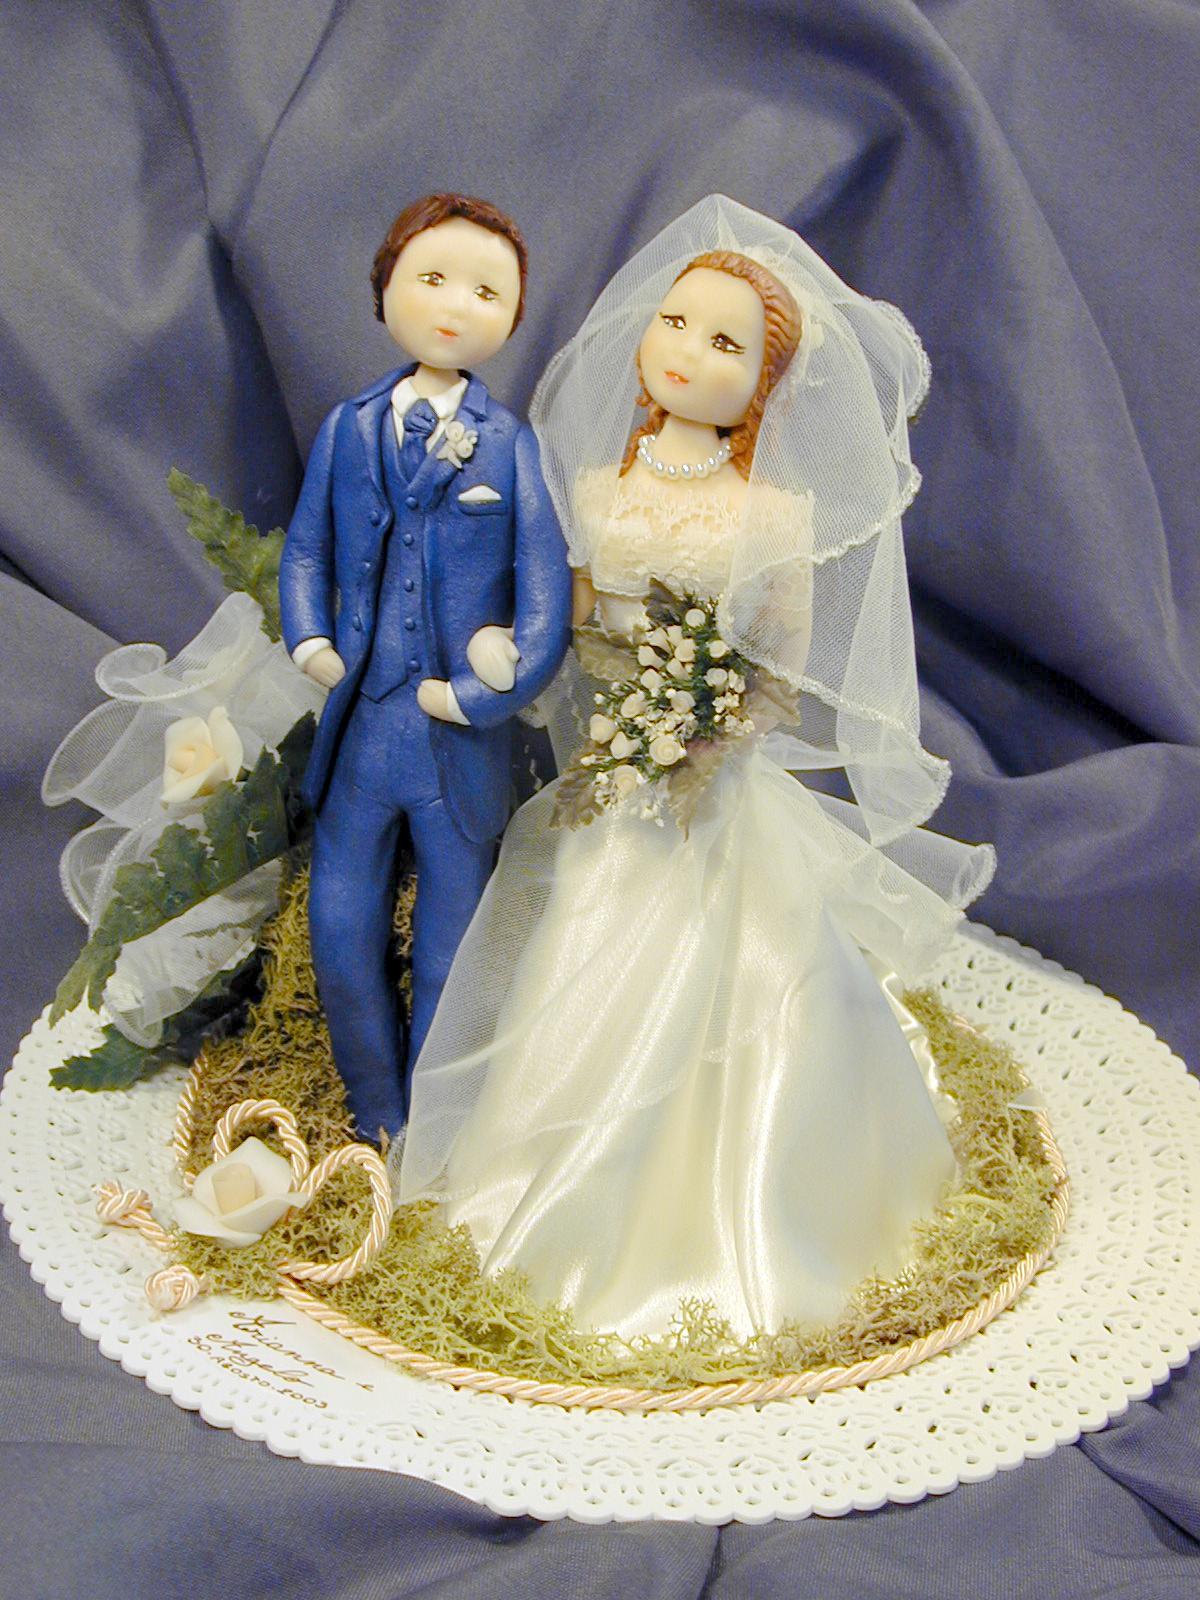 """Domenica 24 marzo l'Hotel de Paris Sanremo ospita la 2° edizione del """"Wedding day"""" evento speciale dedicato alle nozze con ingresso libero. Esperti del settore mettono a disposizione tutta la…"""